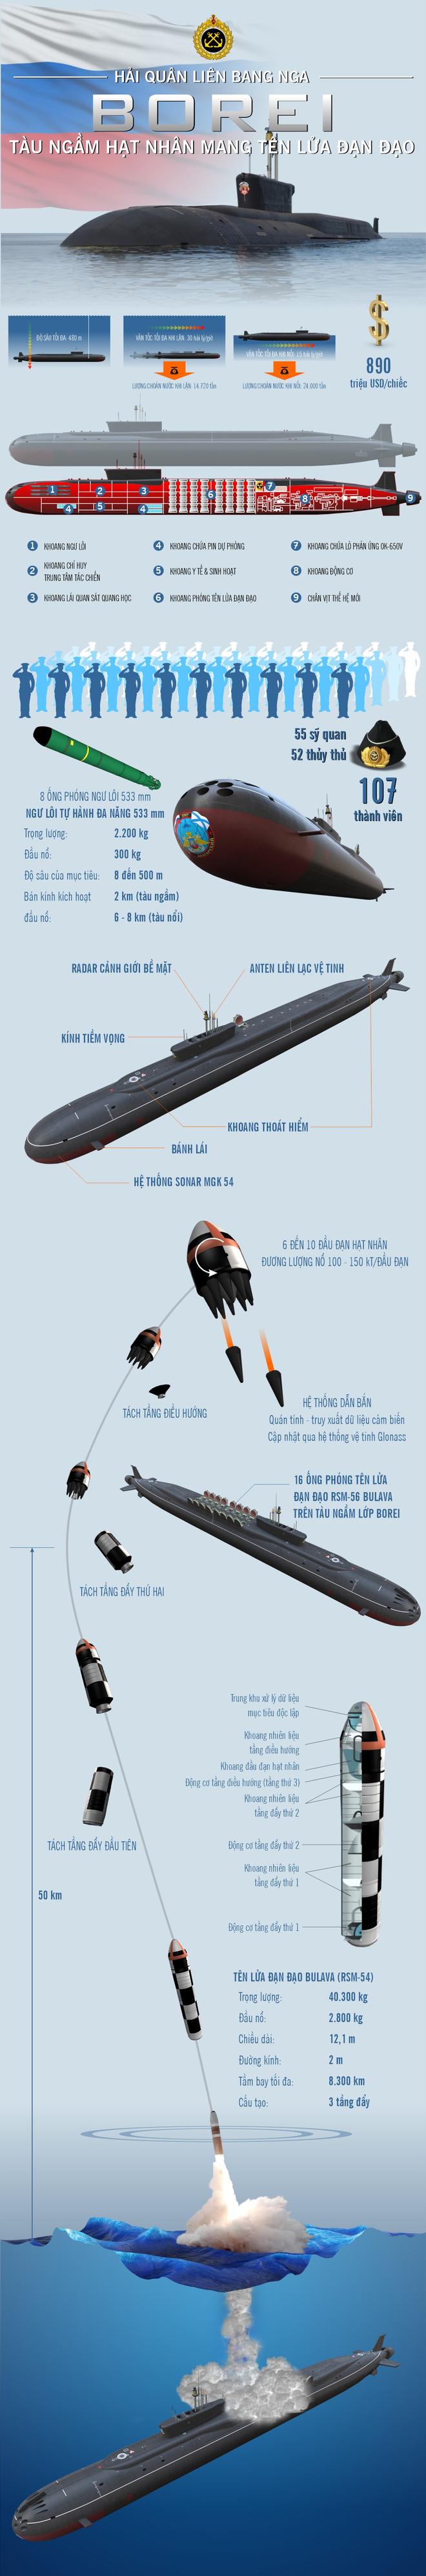 """Tàu ngầm Borei của Hải quân Nga - """"Ngày tận thế giữa biển khơi"""" - ảnh 1"""